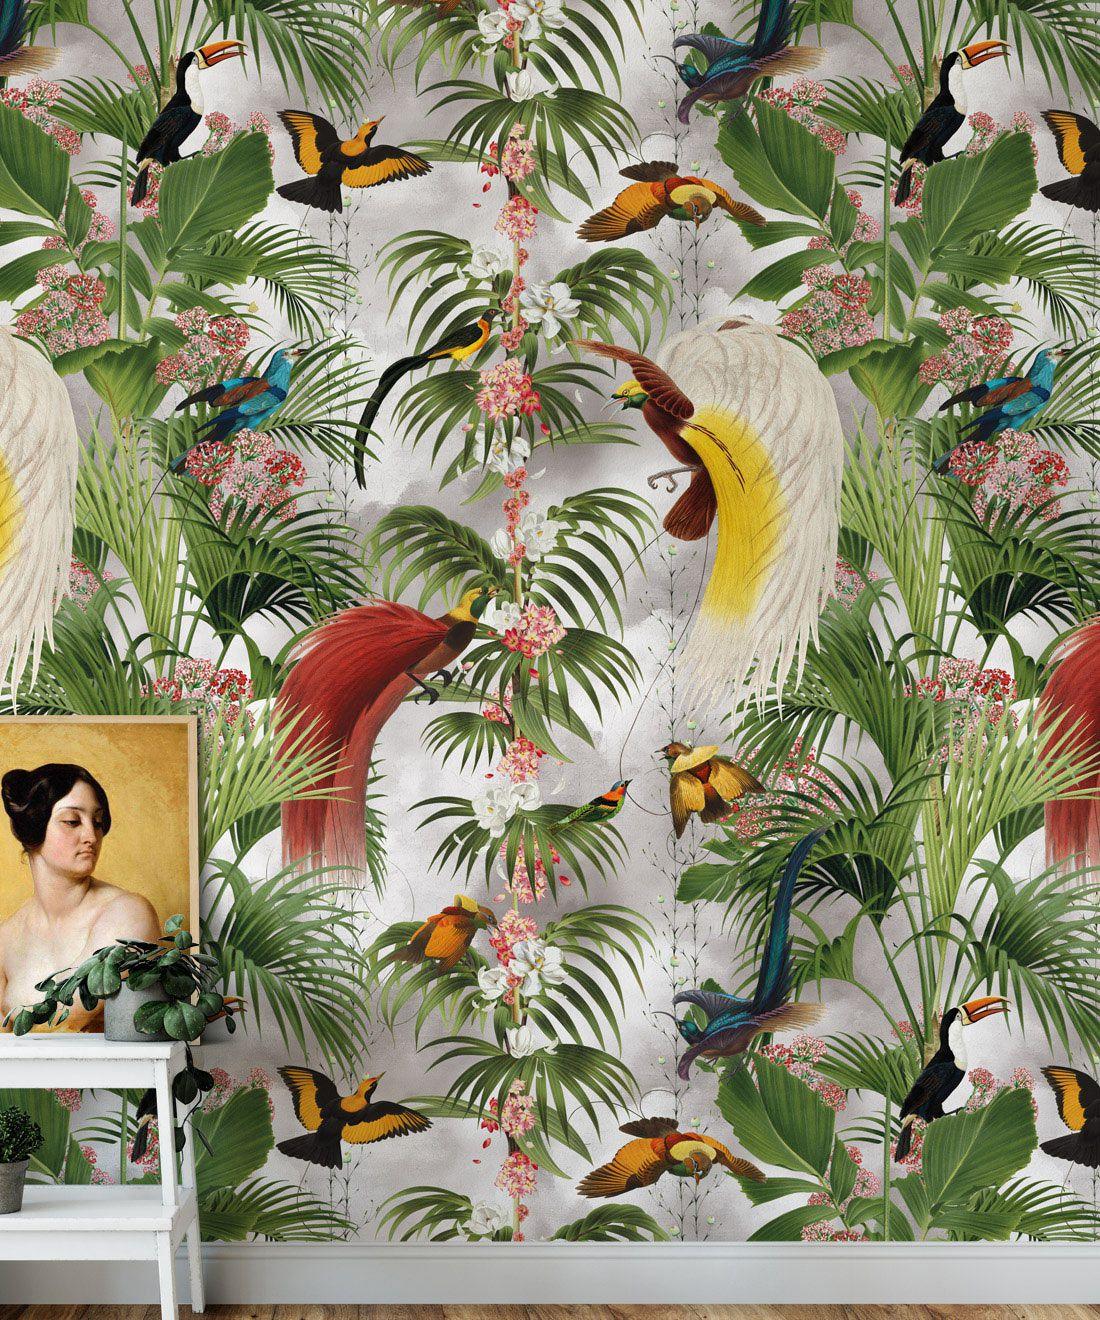 Paradiso Wallpaper • Tropical Bird wallpaper